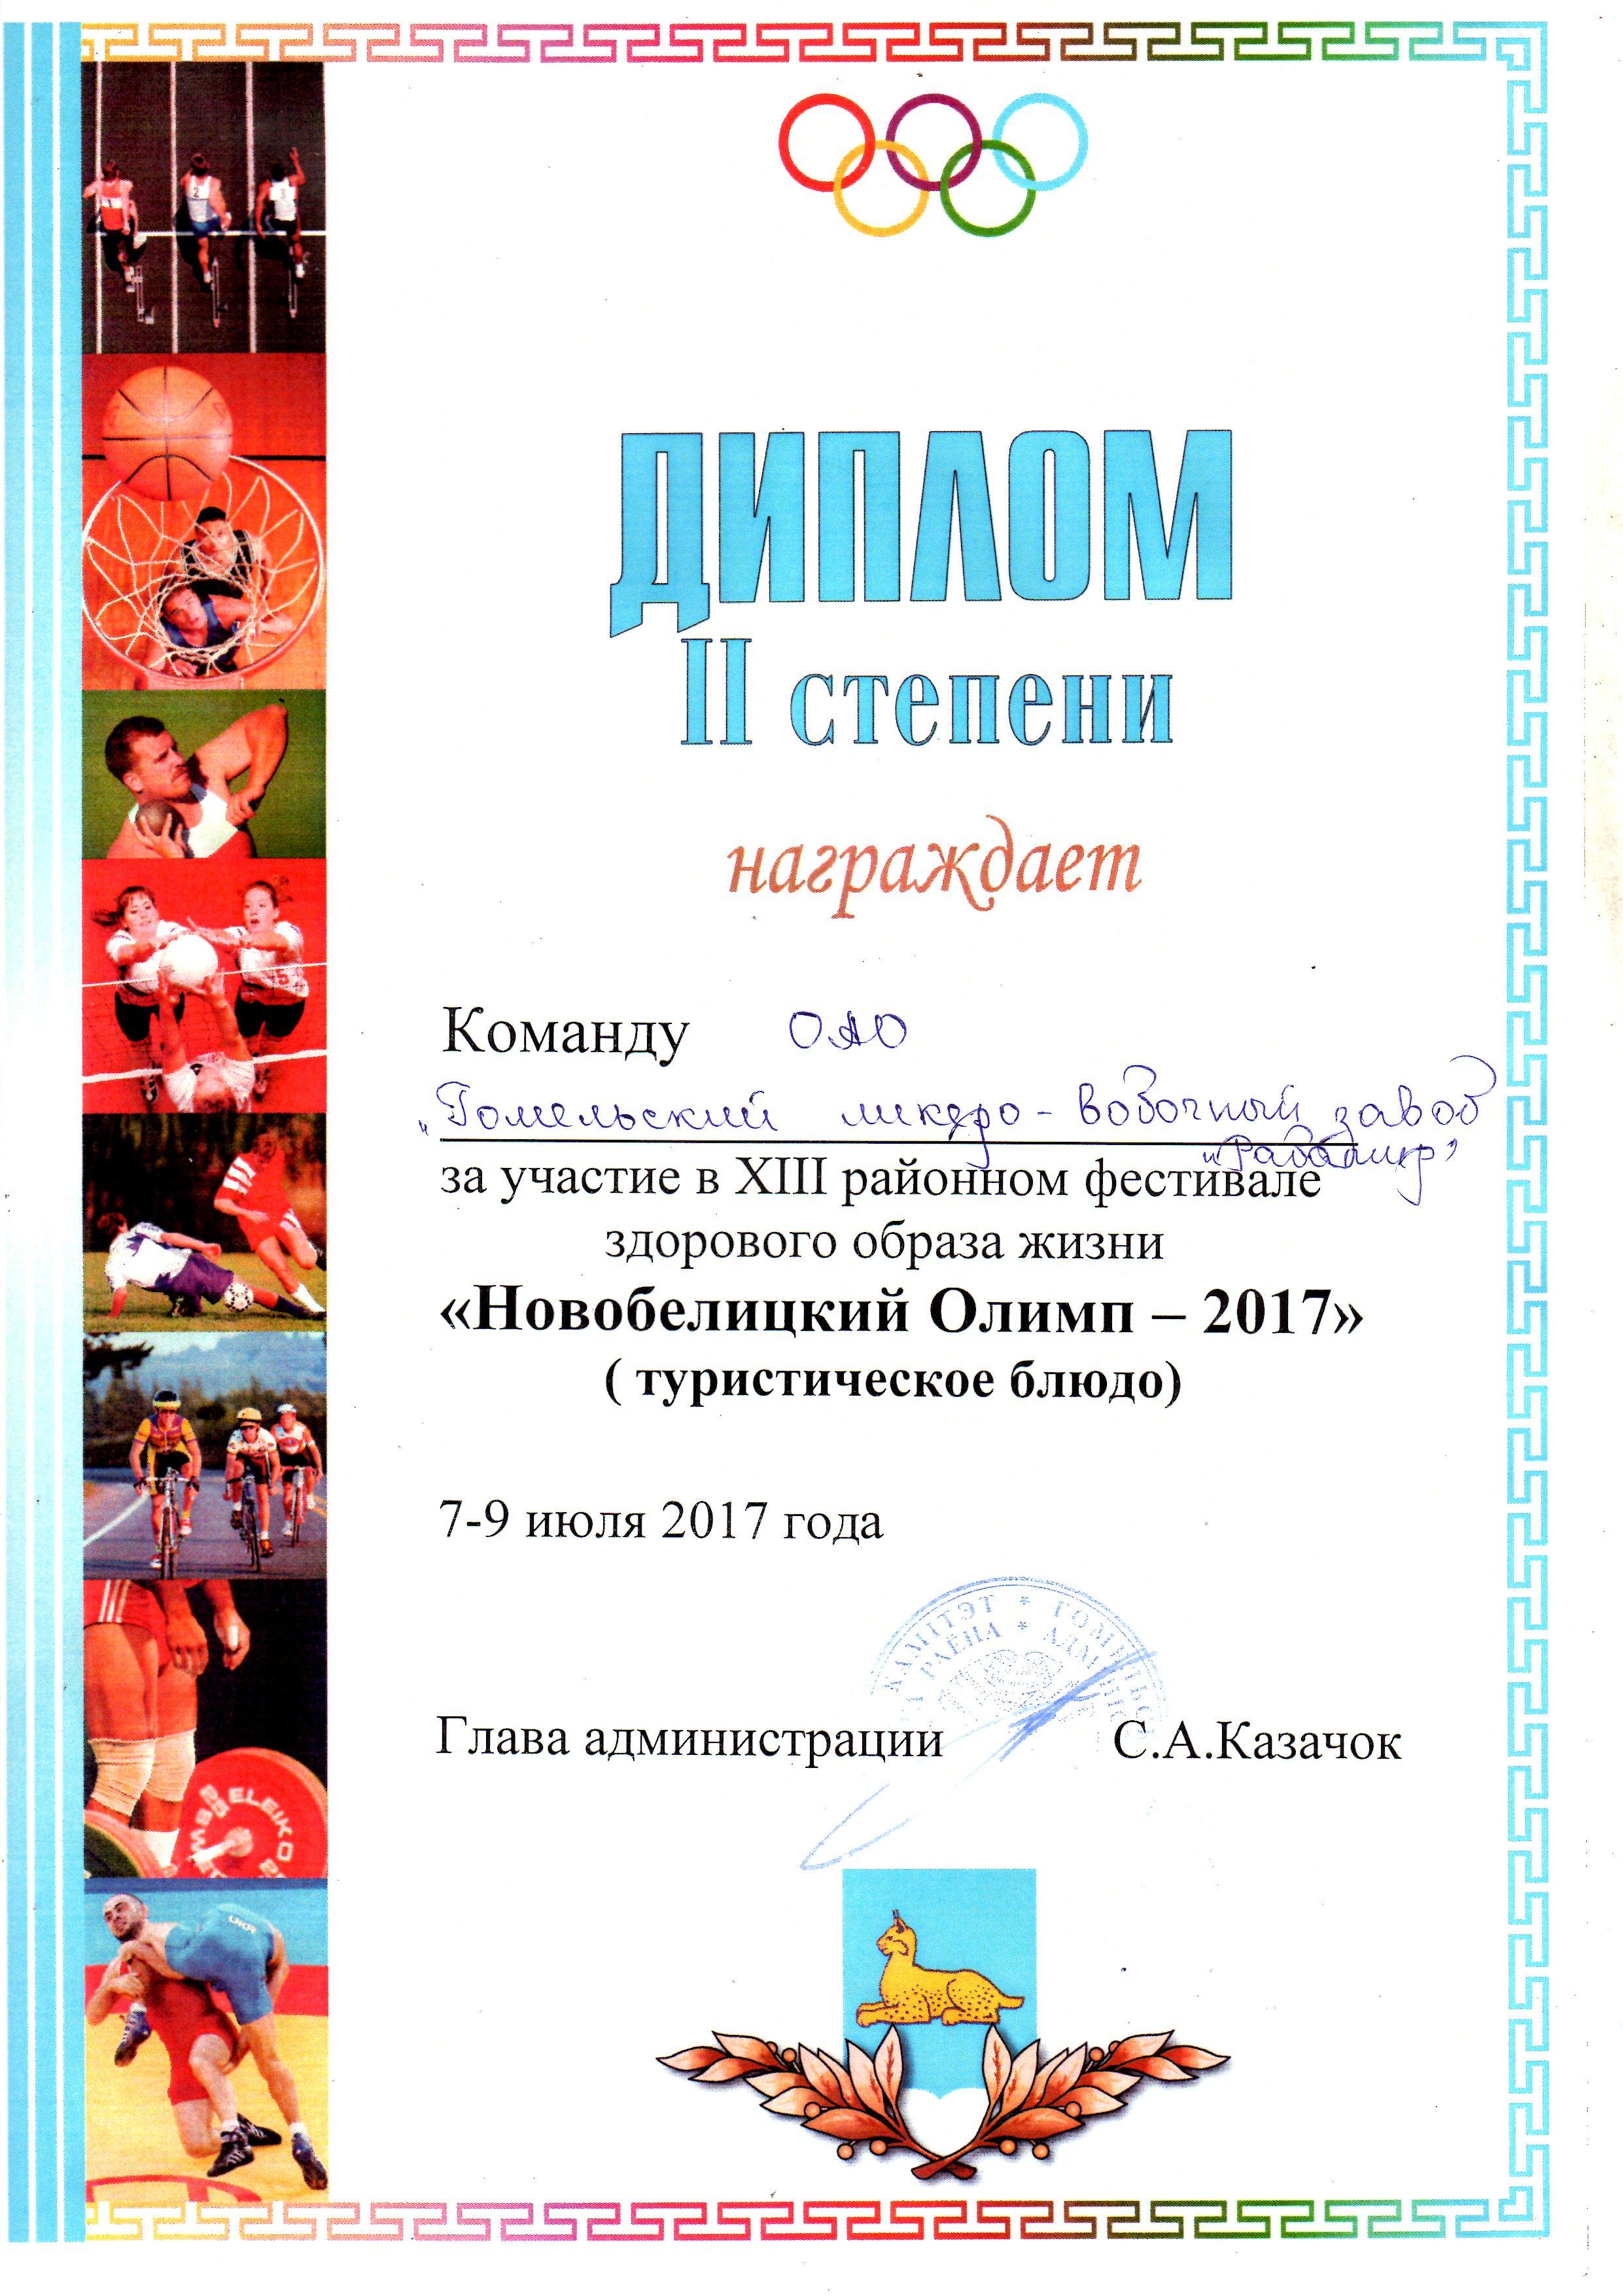 Фестиваль здорового образа жизни Новобелицкий олимп  Диплом ii степени в номинации Лучшее туристическое блюдо